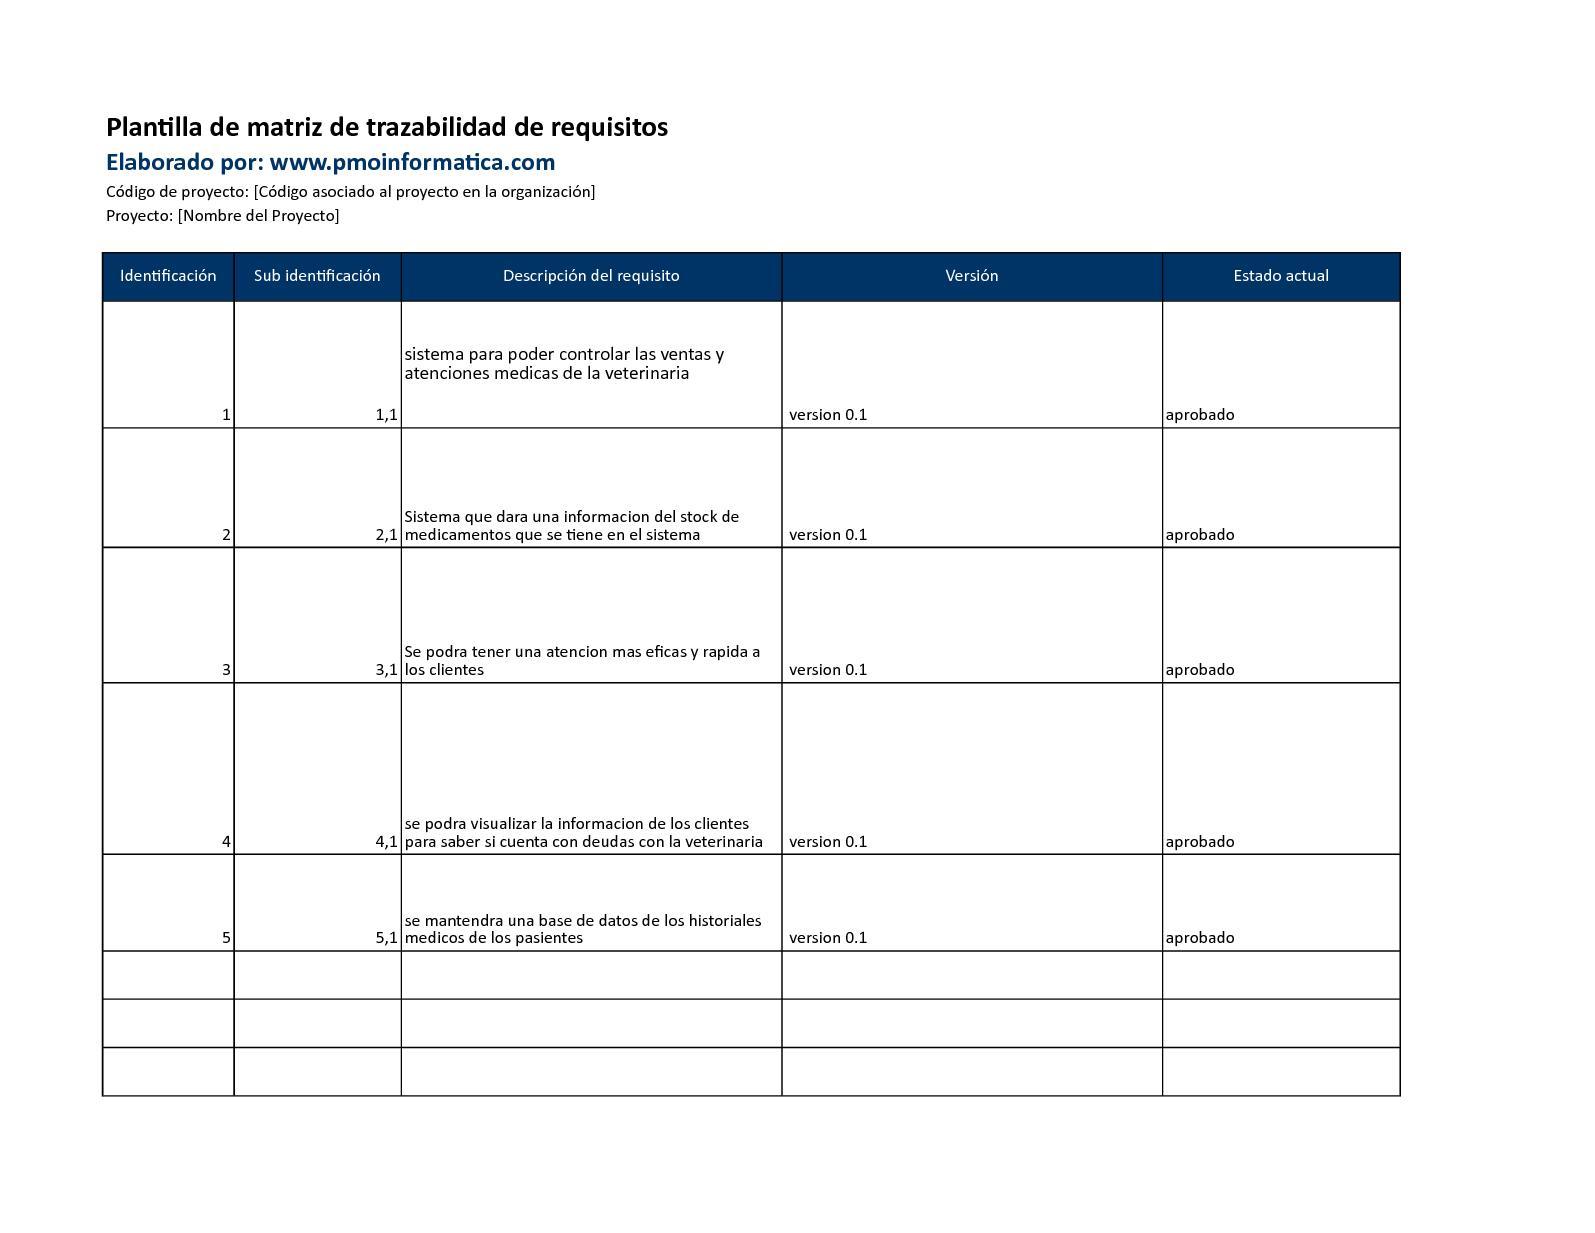 Calaméo - PMOinformatica Plantilla De Matriz De Trazabilidad De ...